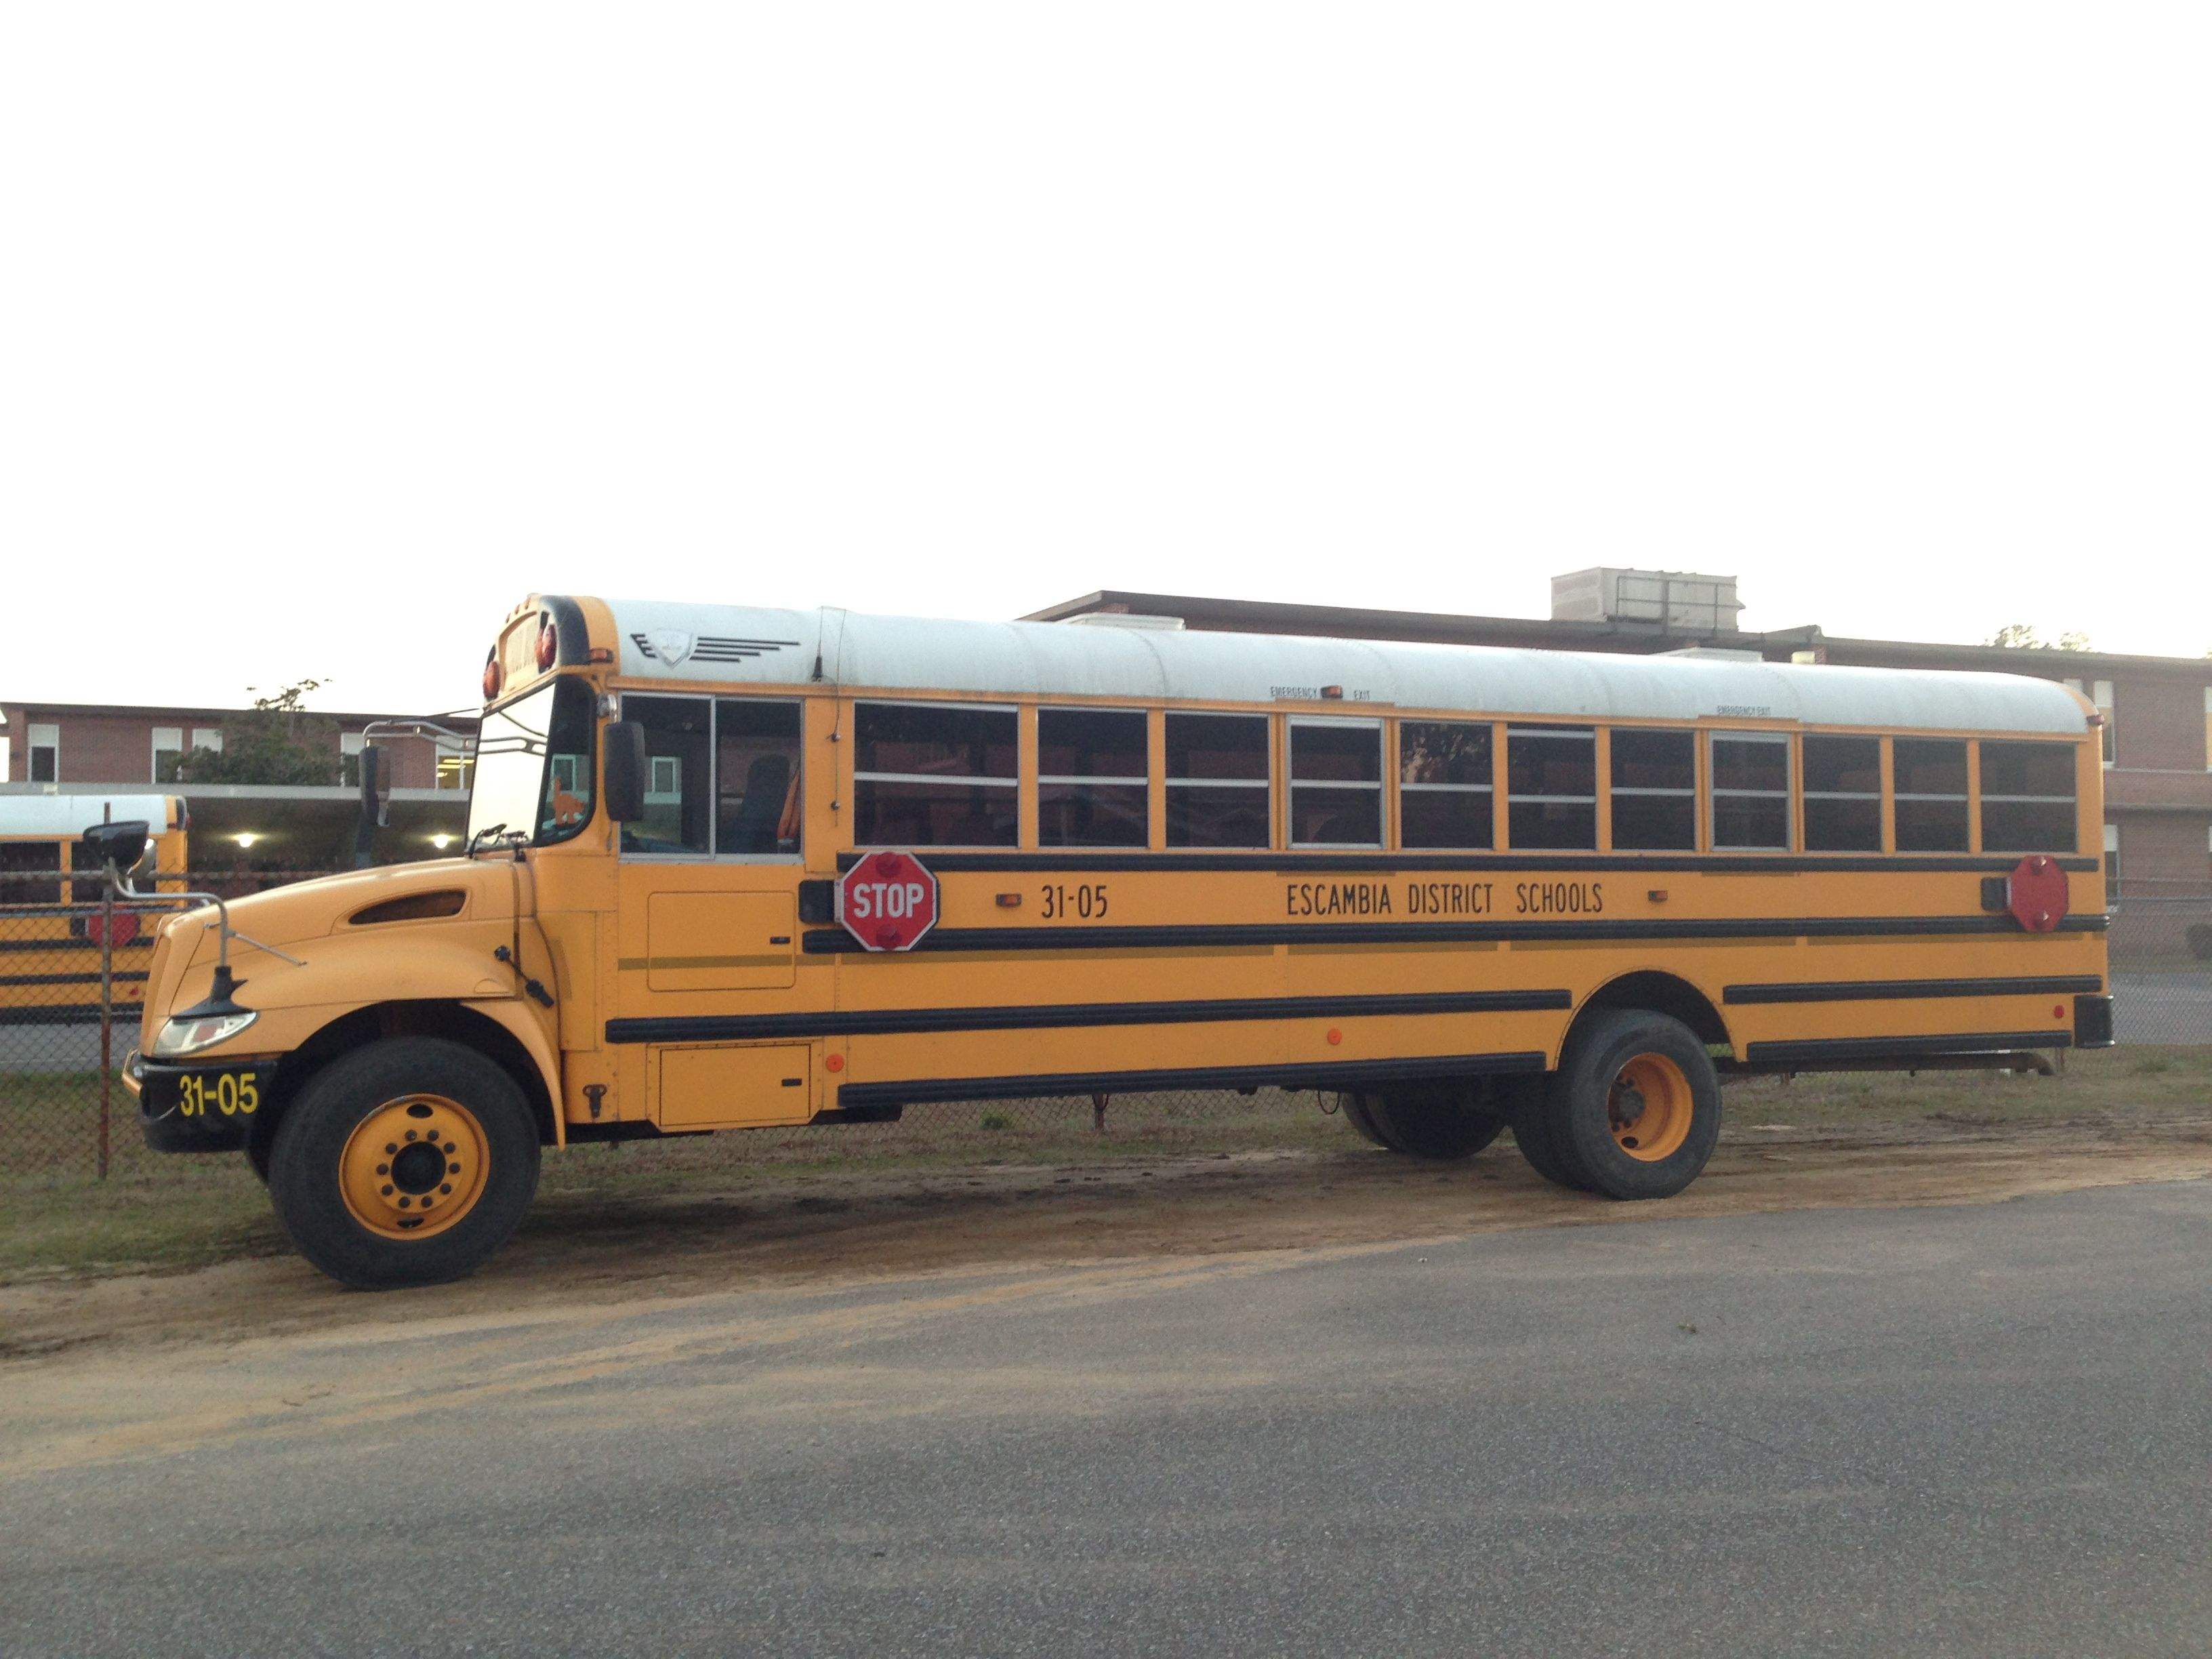 18 Transportation Escambia County School Bus Located Off Of 65th Ave School Bus Escambia County Bus